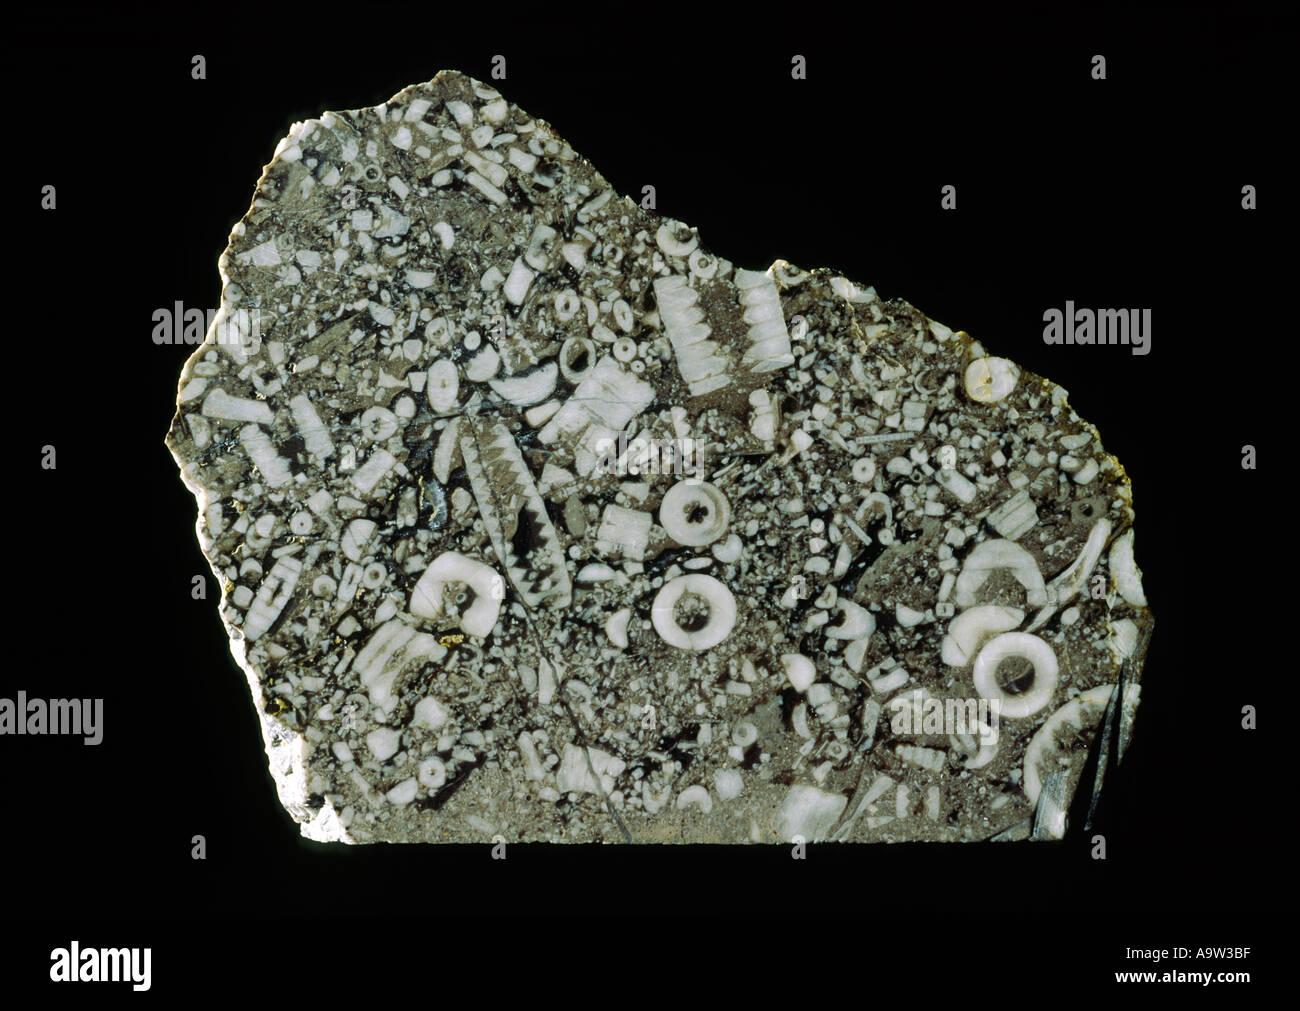 Échantillon de roche calcaire. Excellent exemple de fossiles de crinoïdes lily mer Treakcliff Caverne, Photo Stock